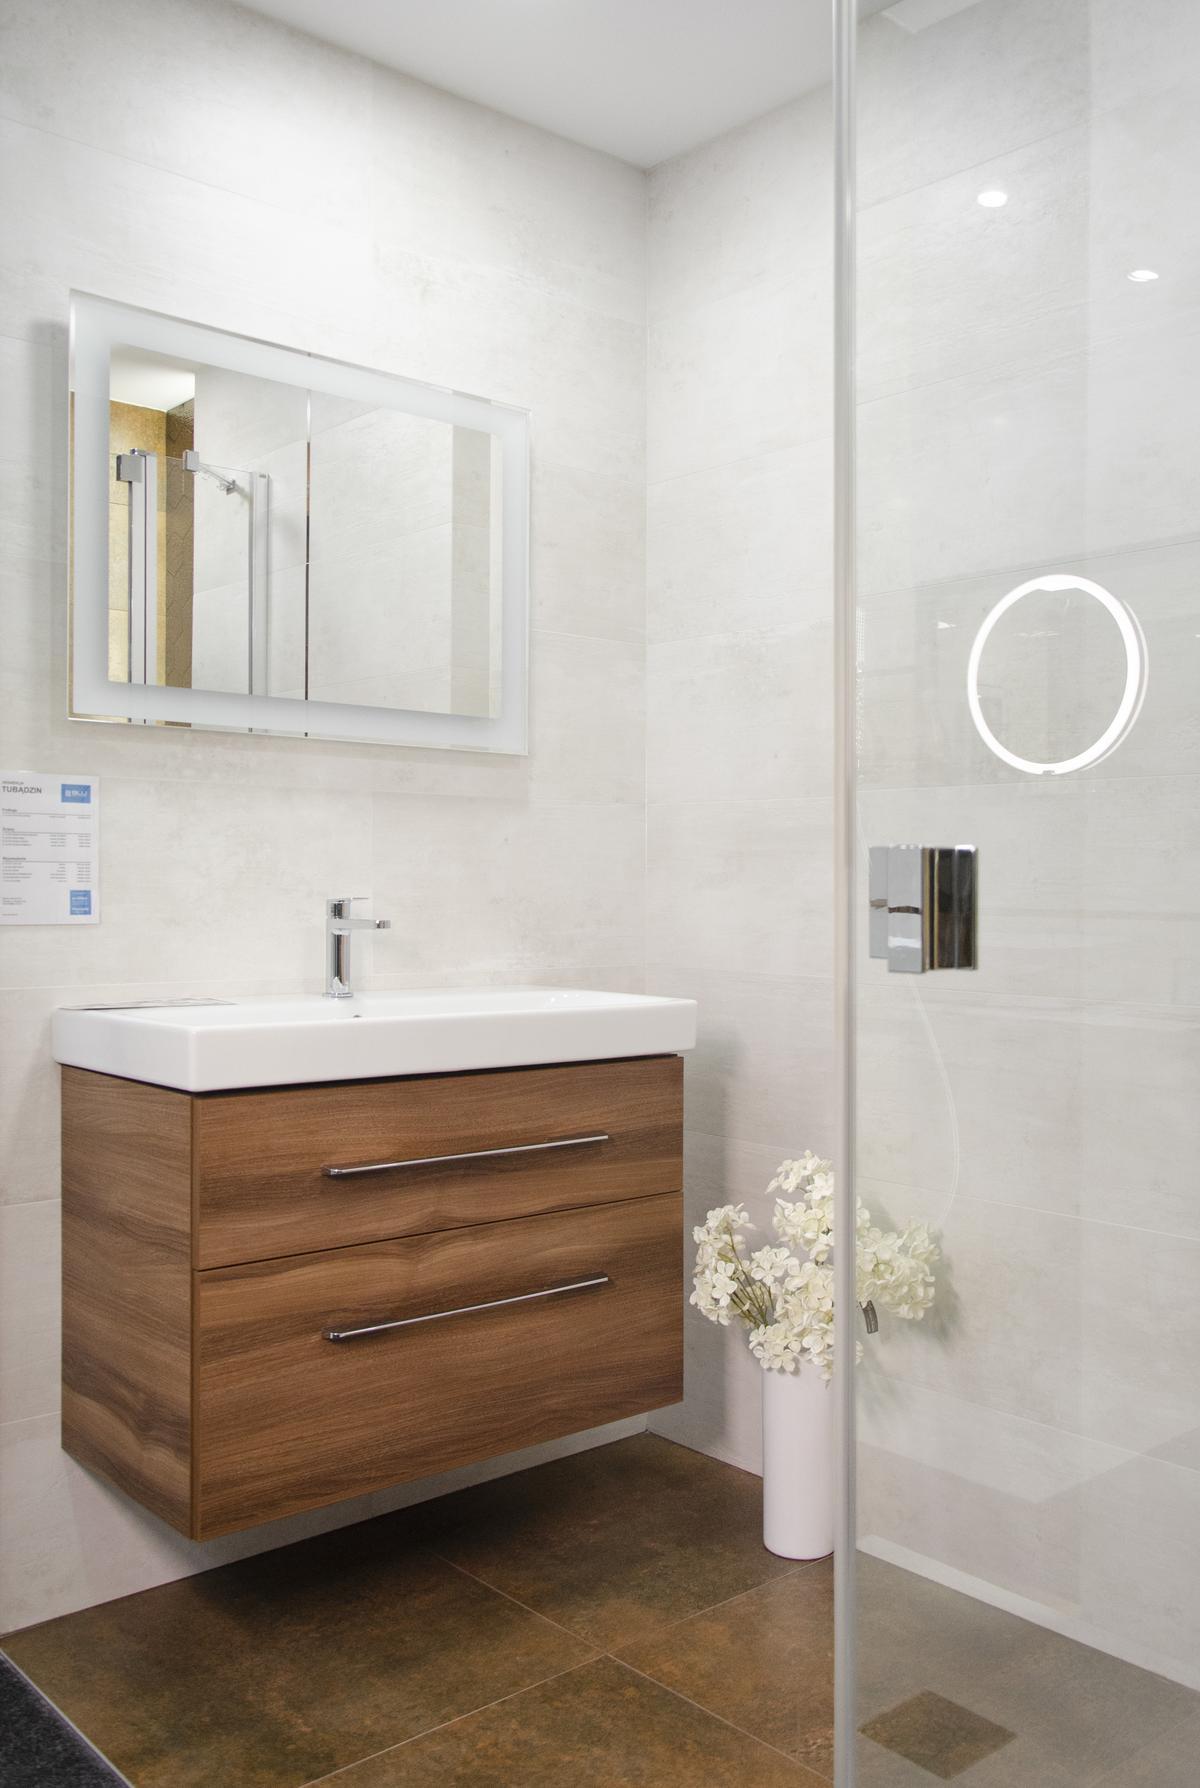 Aranżacja jasnej łazienki z ciemną podłogą imitującą rdzę - zdjęcie od BLU salon łazienek Koszalin